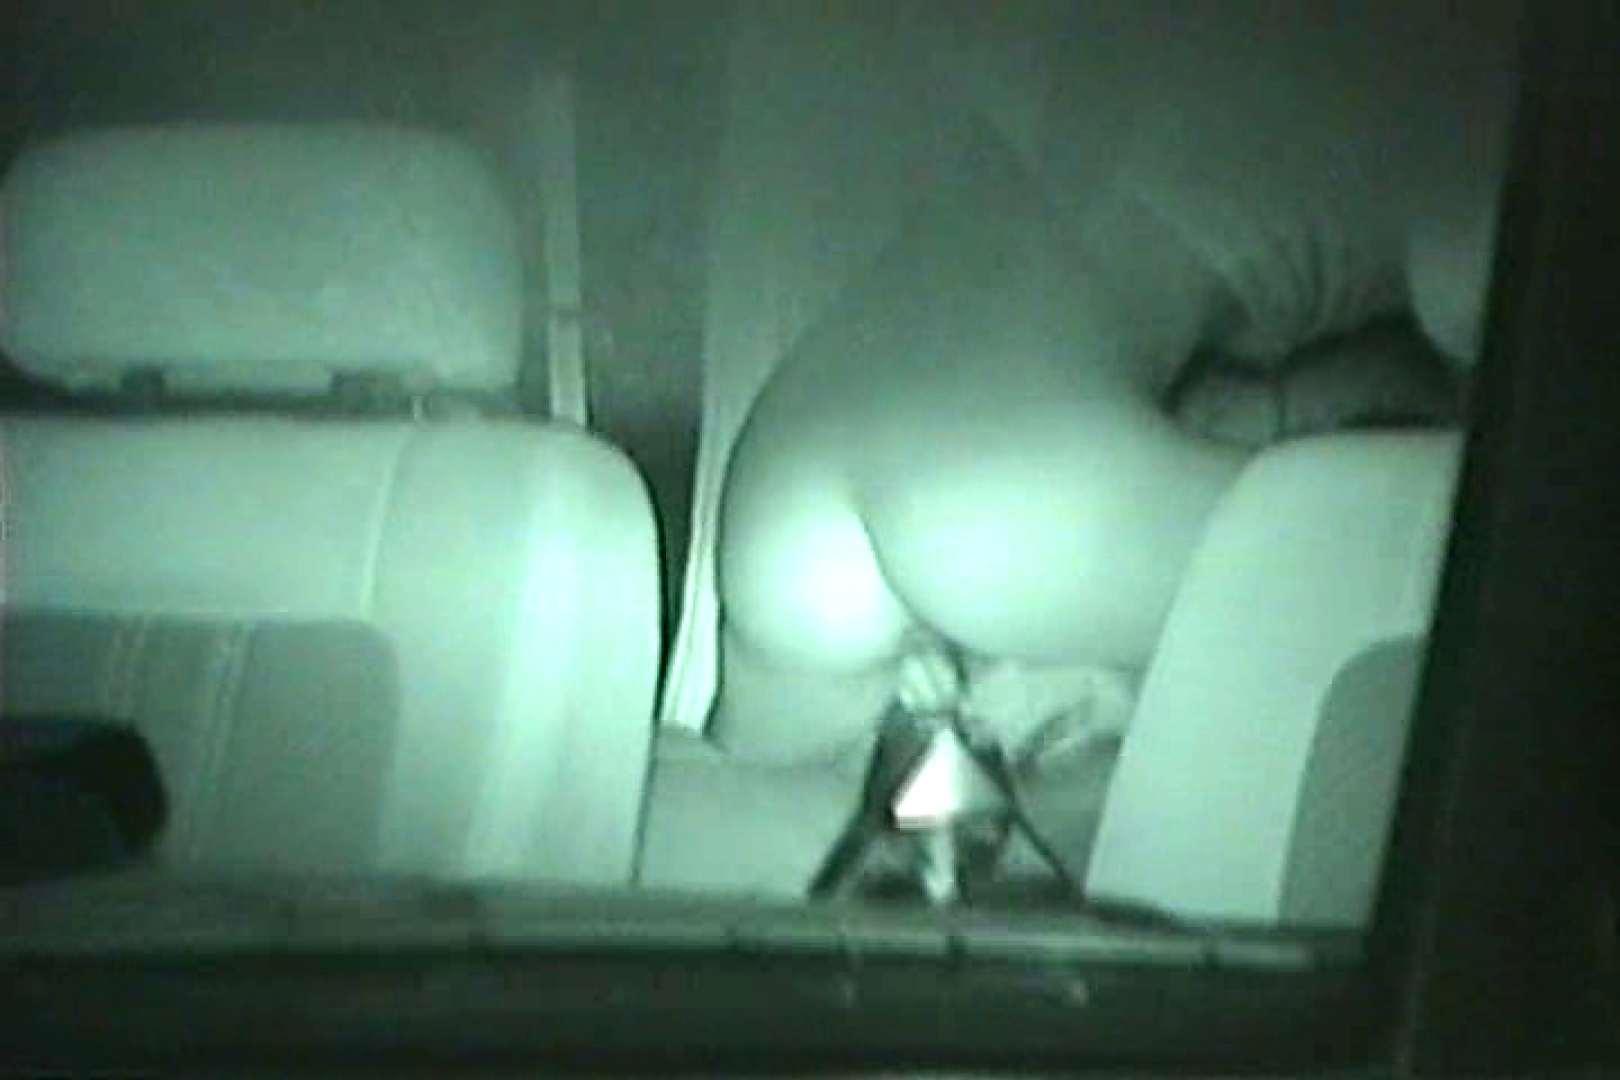 車の中はラブホテル 無修正版  Vol.24 セックス 性交動画流出 48画像 27